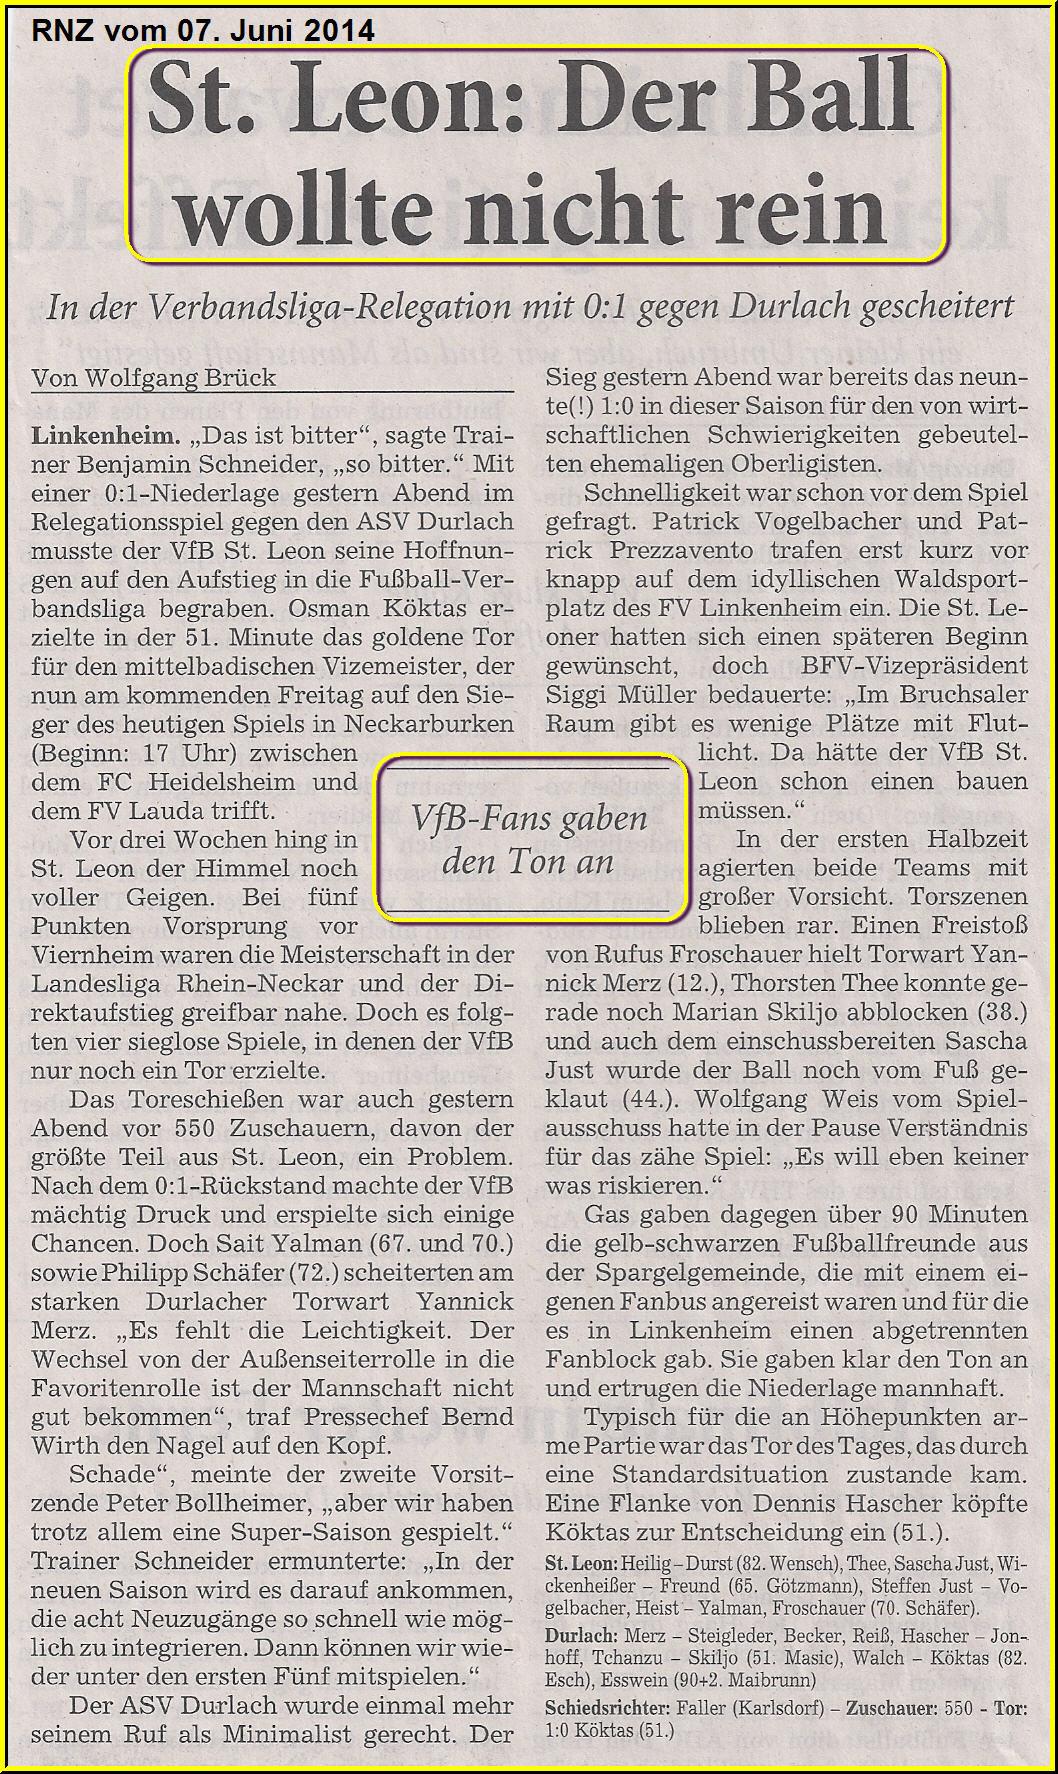 Vfb st leon 1967 e v presse 2013 2014 zur ck zu vfb 2014 - Div style float left ...